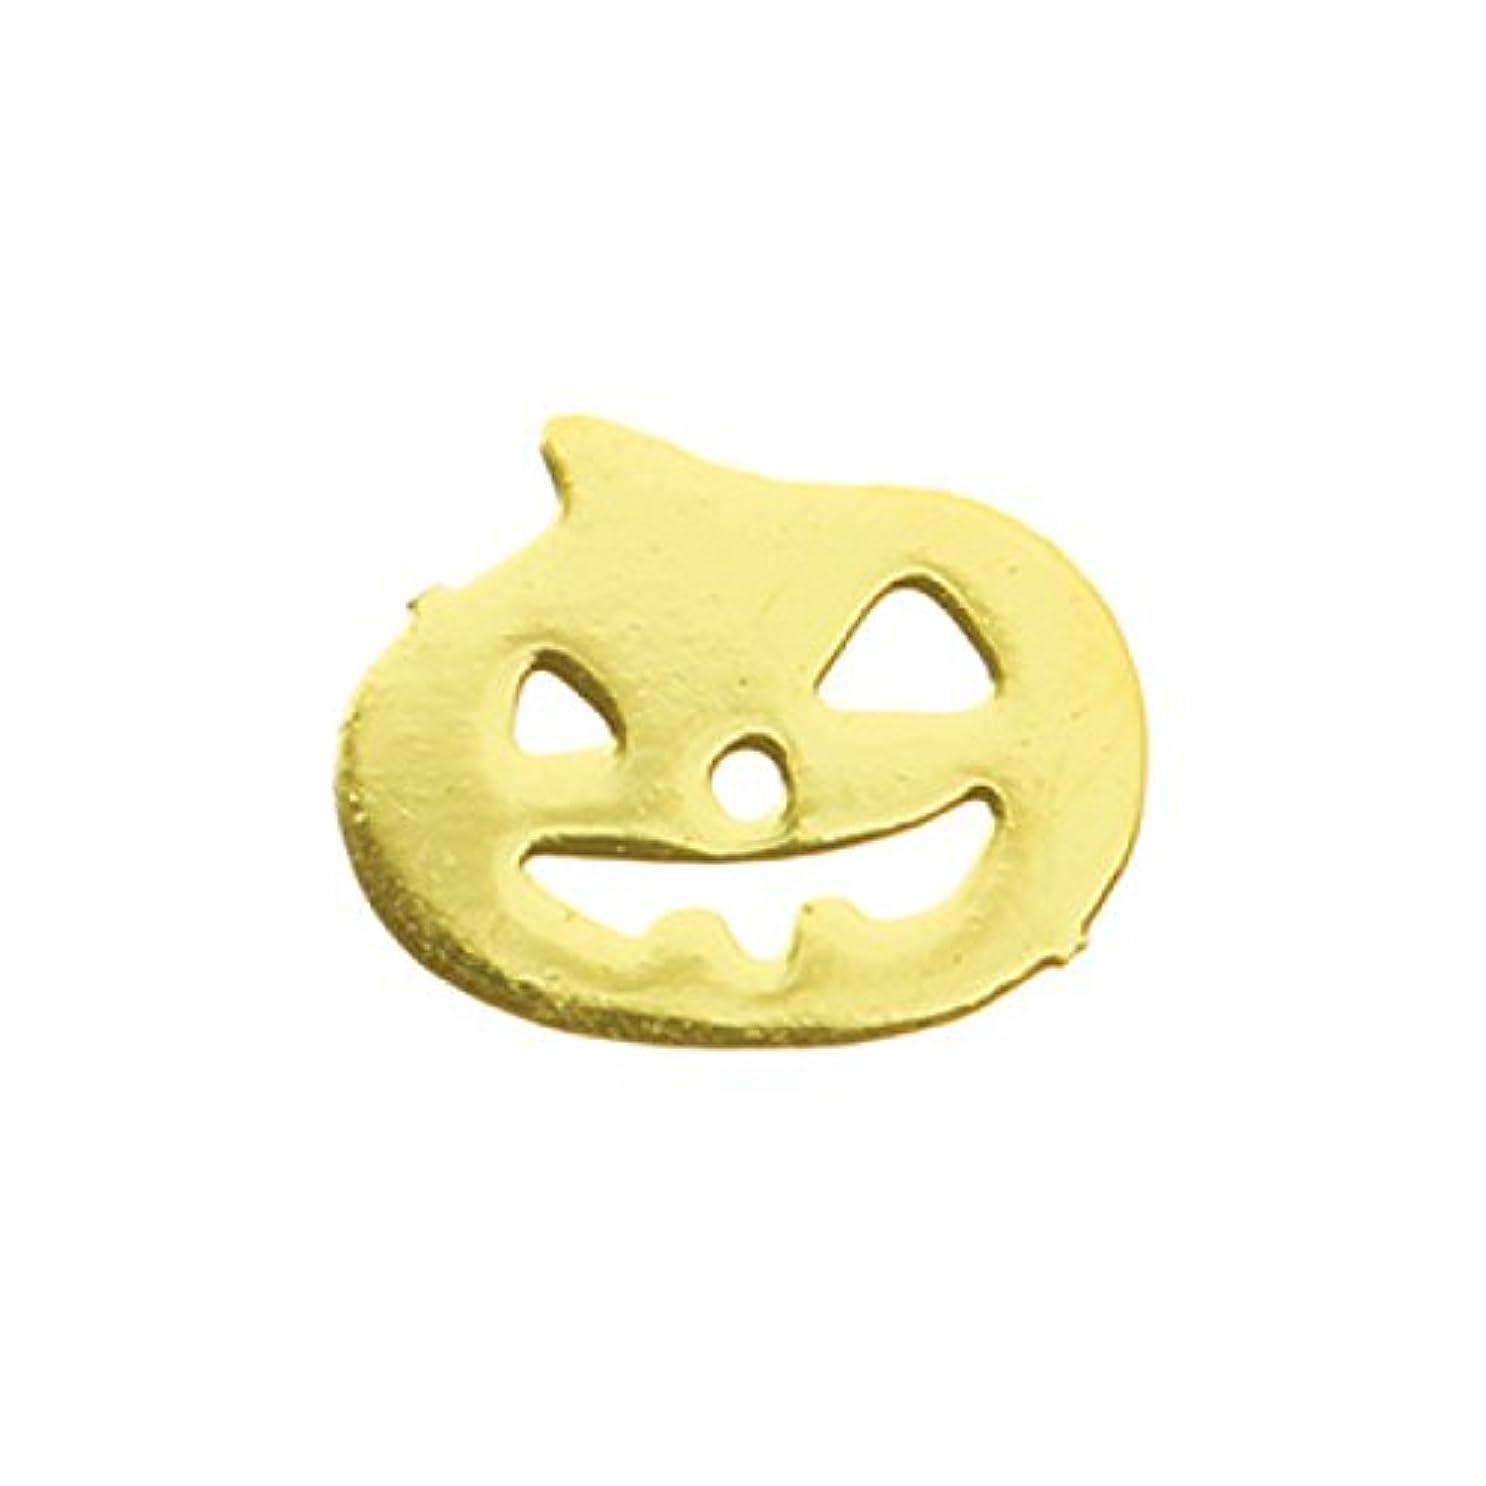 絡まる答えラッシュメタルプレート(ネイルストーン デコ) パンプキン ゴールド (30個入り)(ネイル用品)